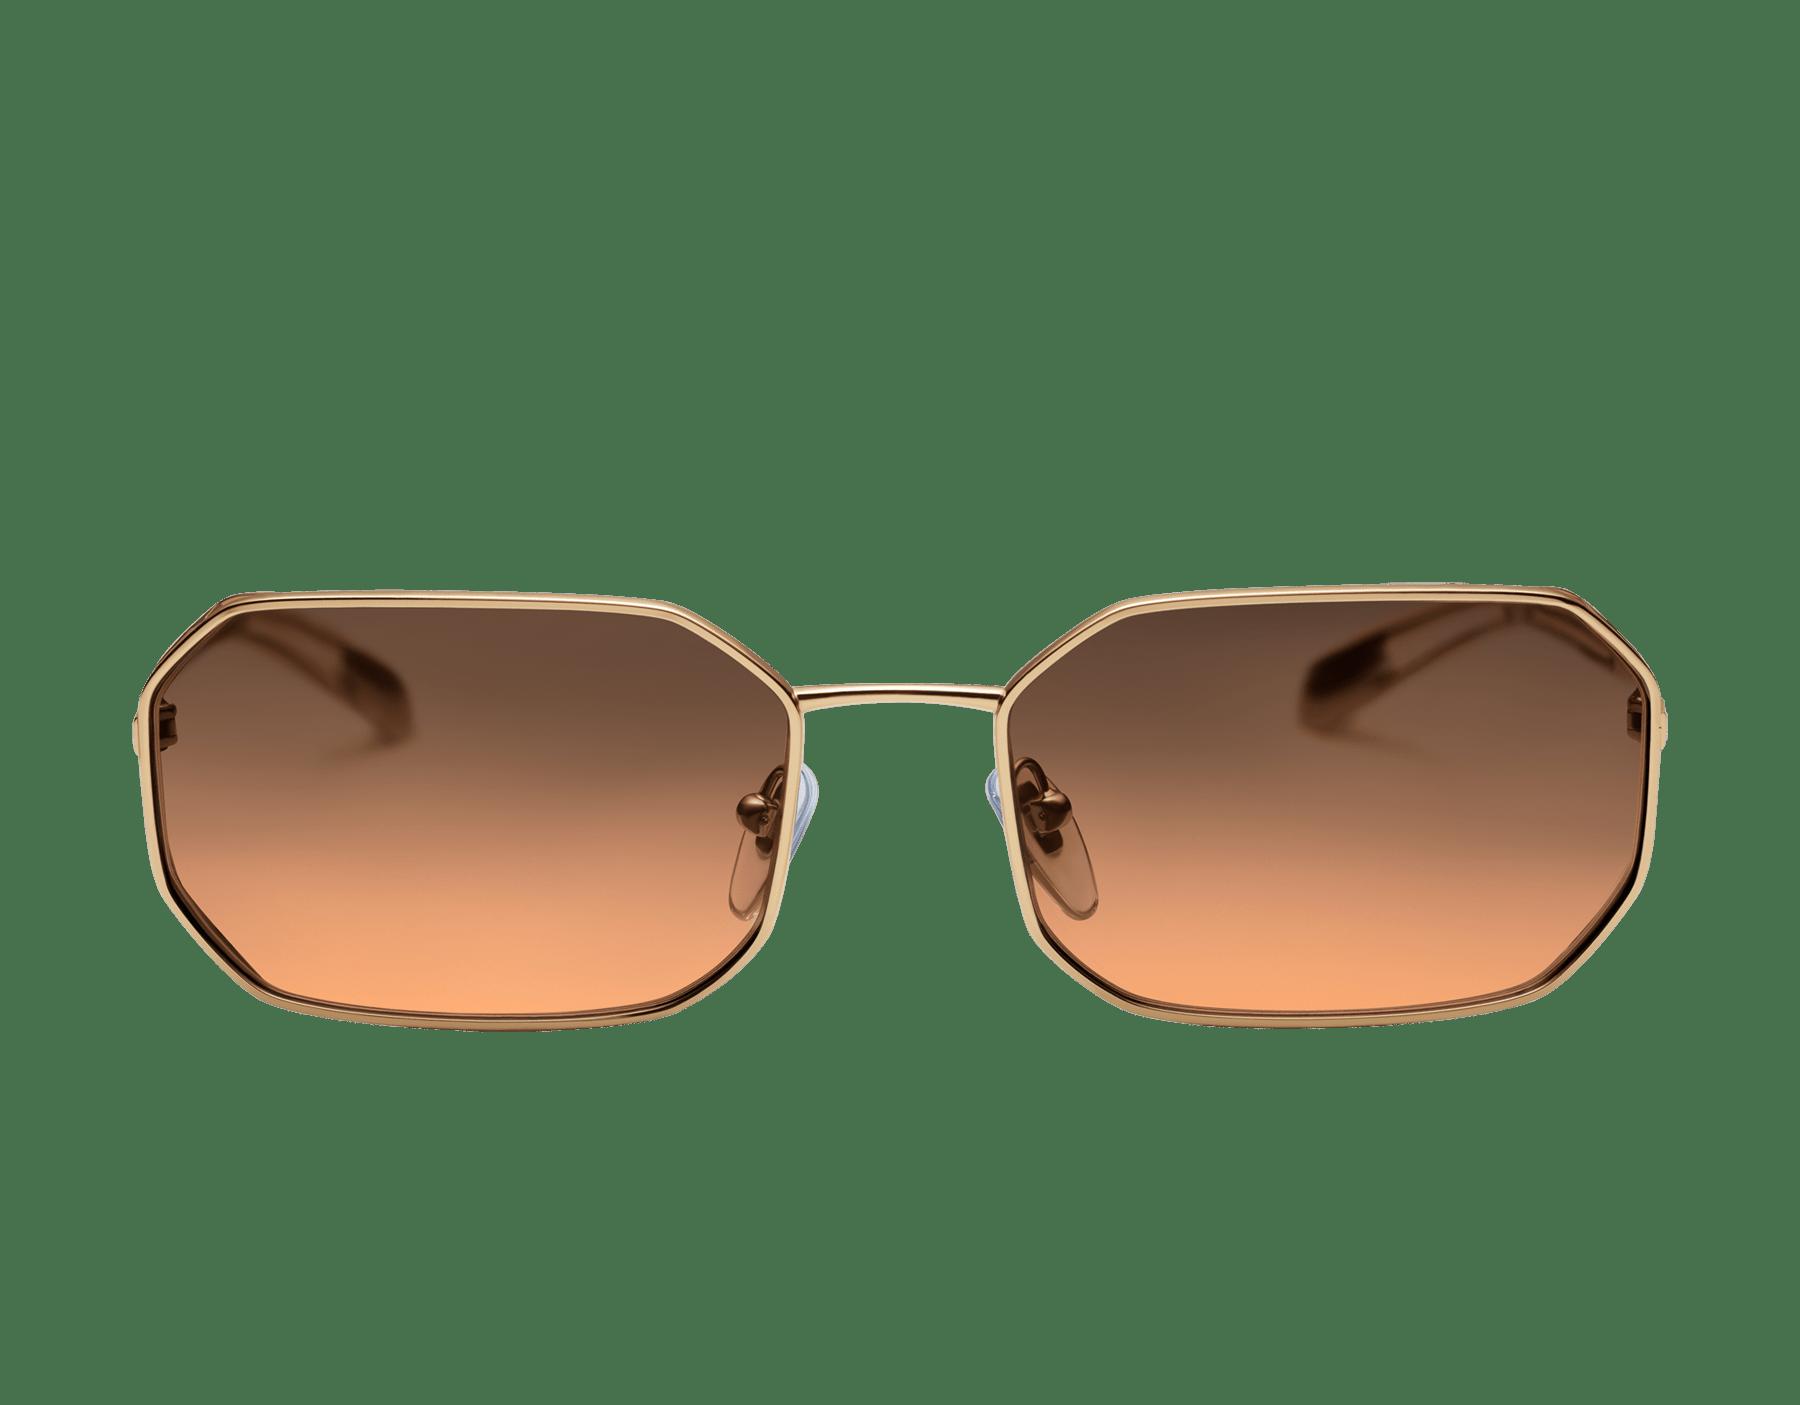 Bvlgari Serpenti Narrowmation rectangular metal aviator sunglasses. 903860 image 2